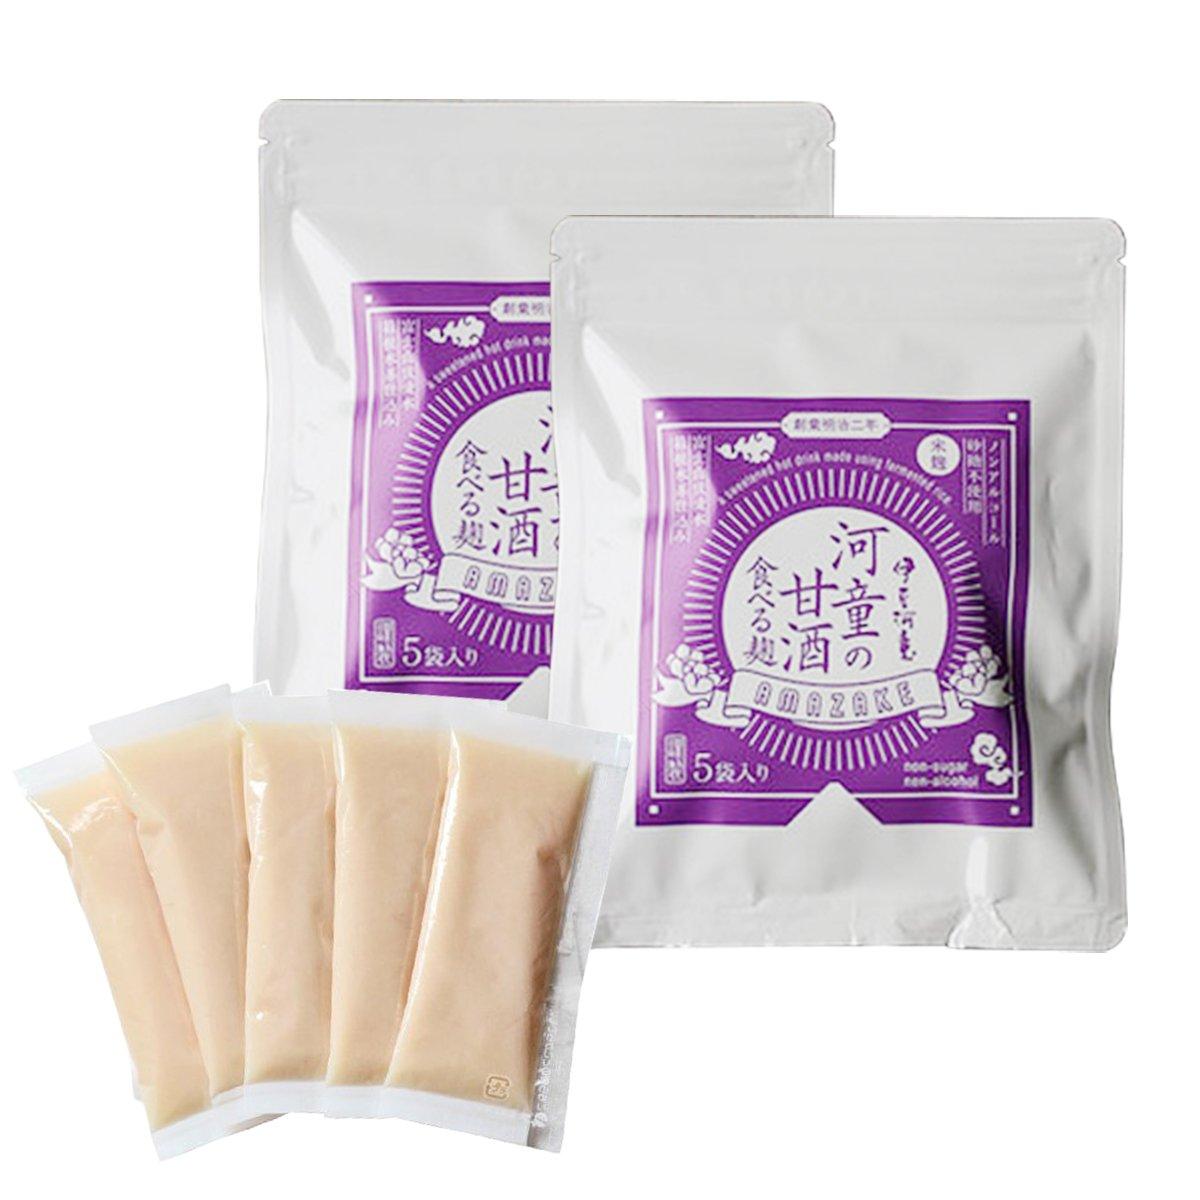 河童の甘酒 たべる糀 使い切タイプ 30g×10袋